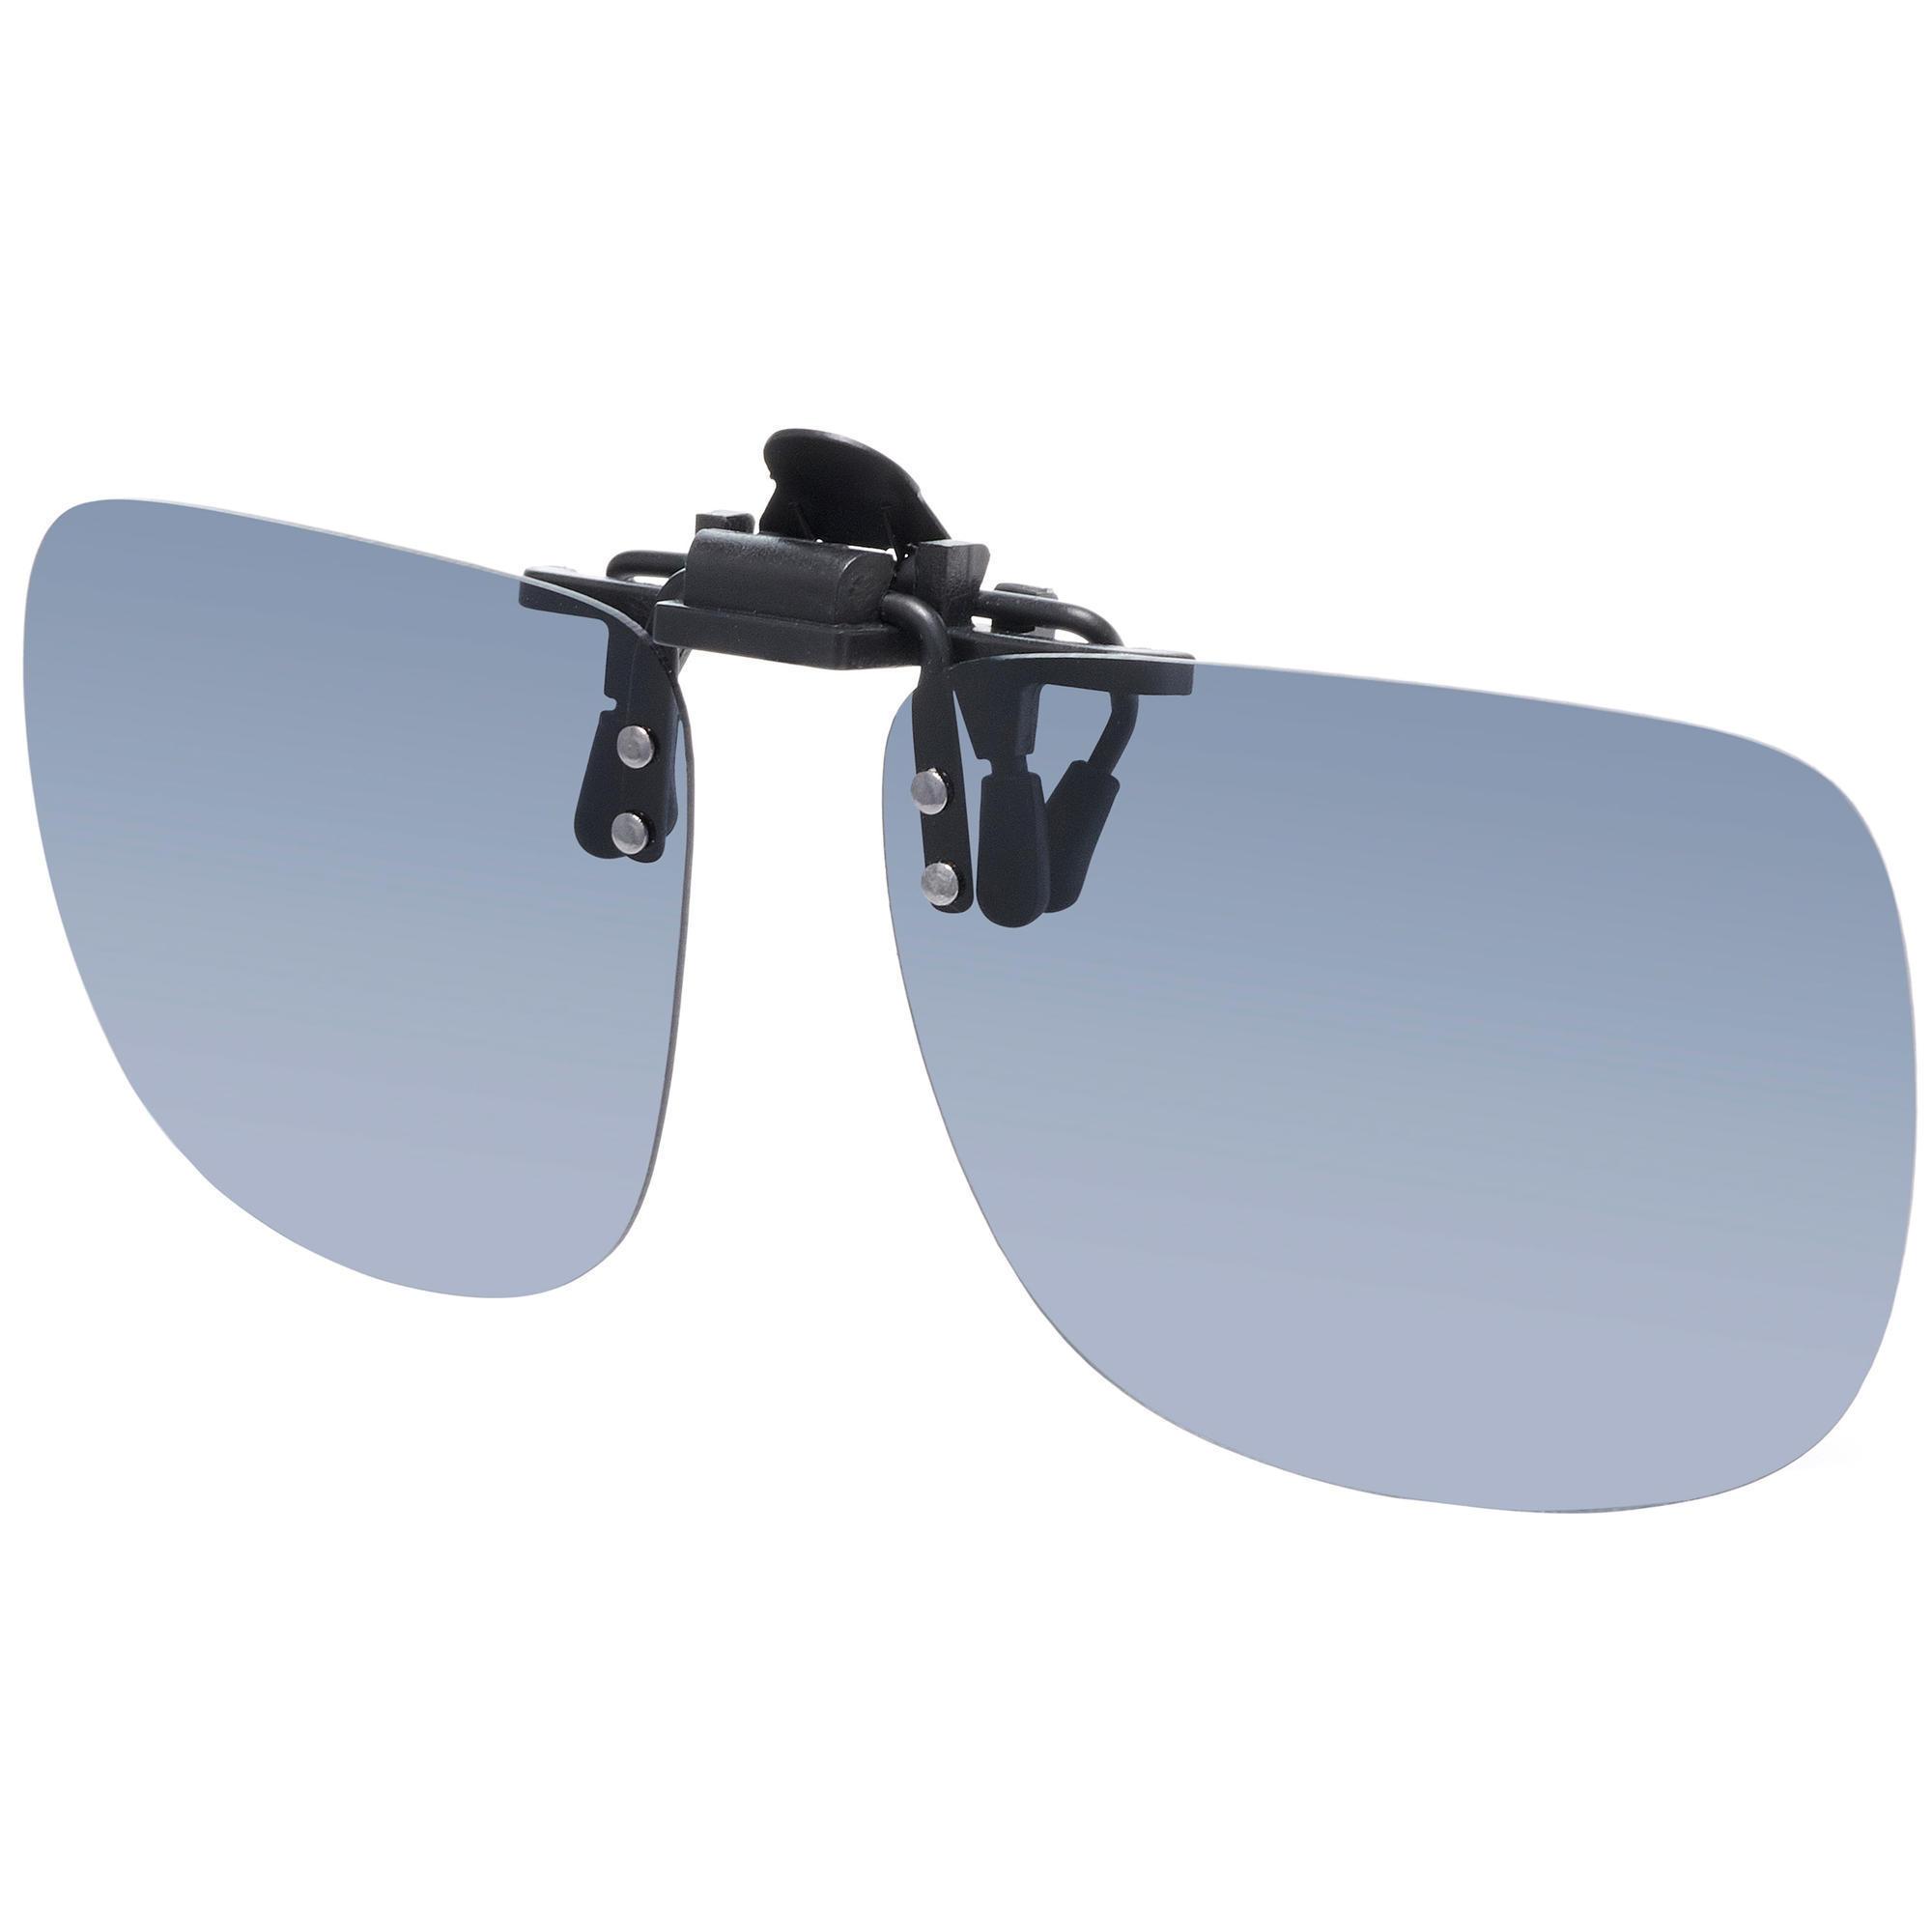 Accessoires de voiture Pince a lunettes de soleil de forme de pare-soleil SODIAL R